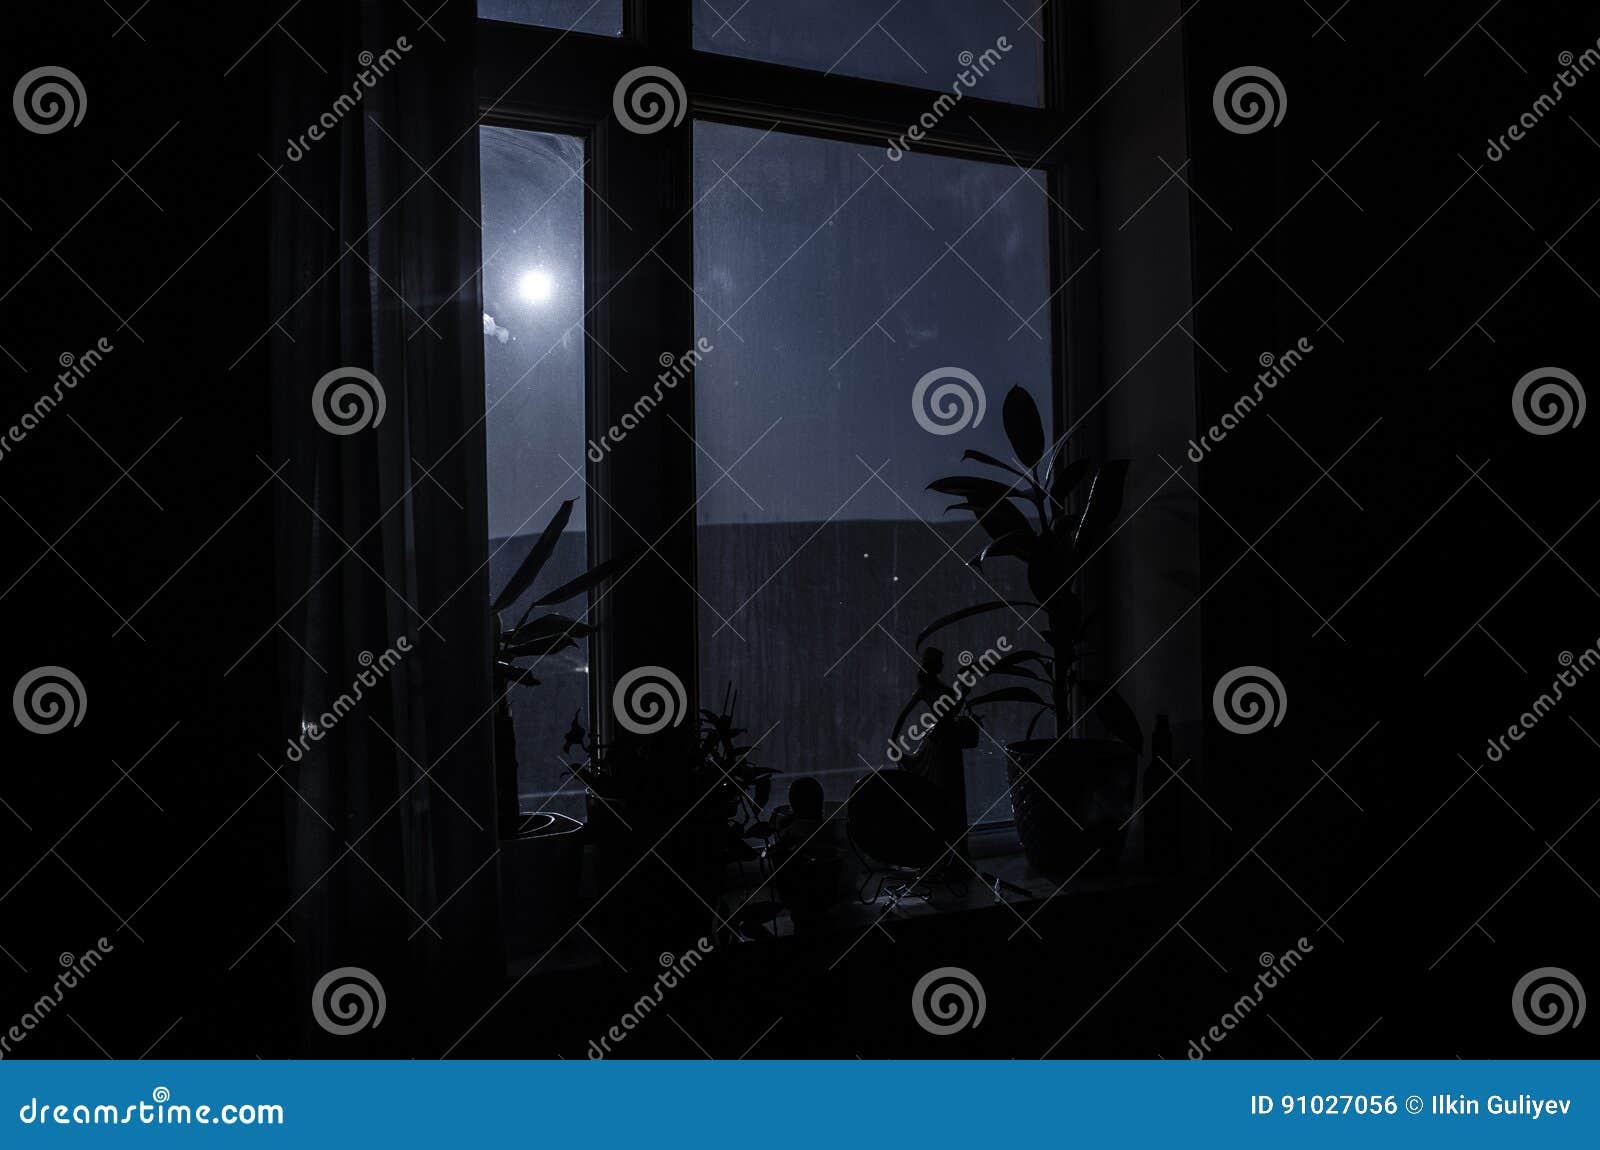 Σκηνή νύχτας του φεγγαριού που βλέπει μέσω του παραθύρου από το σκοτεινό δωμάτιο